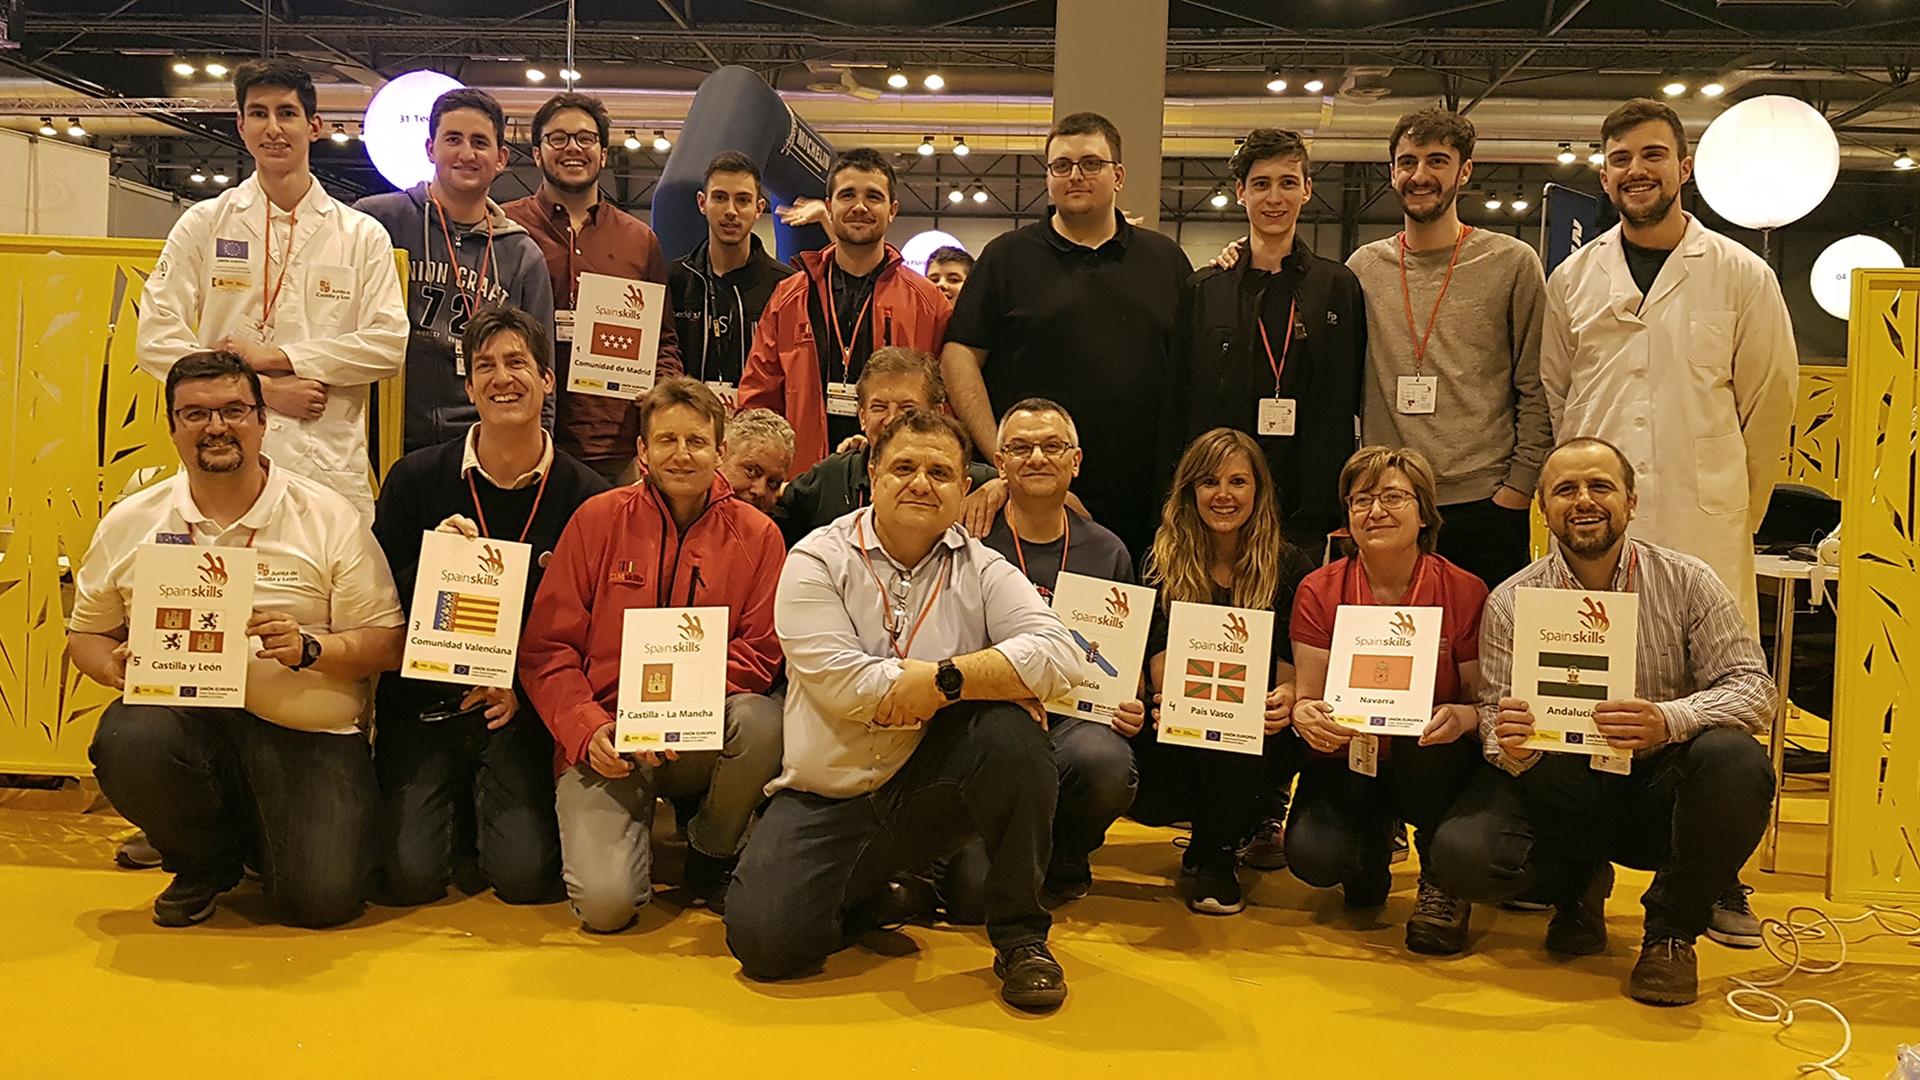 GESPROGA / CTIcontrol participaron en SPAINSKILLS